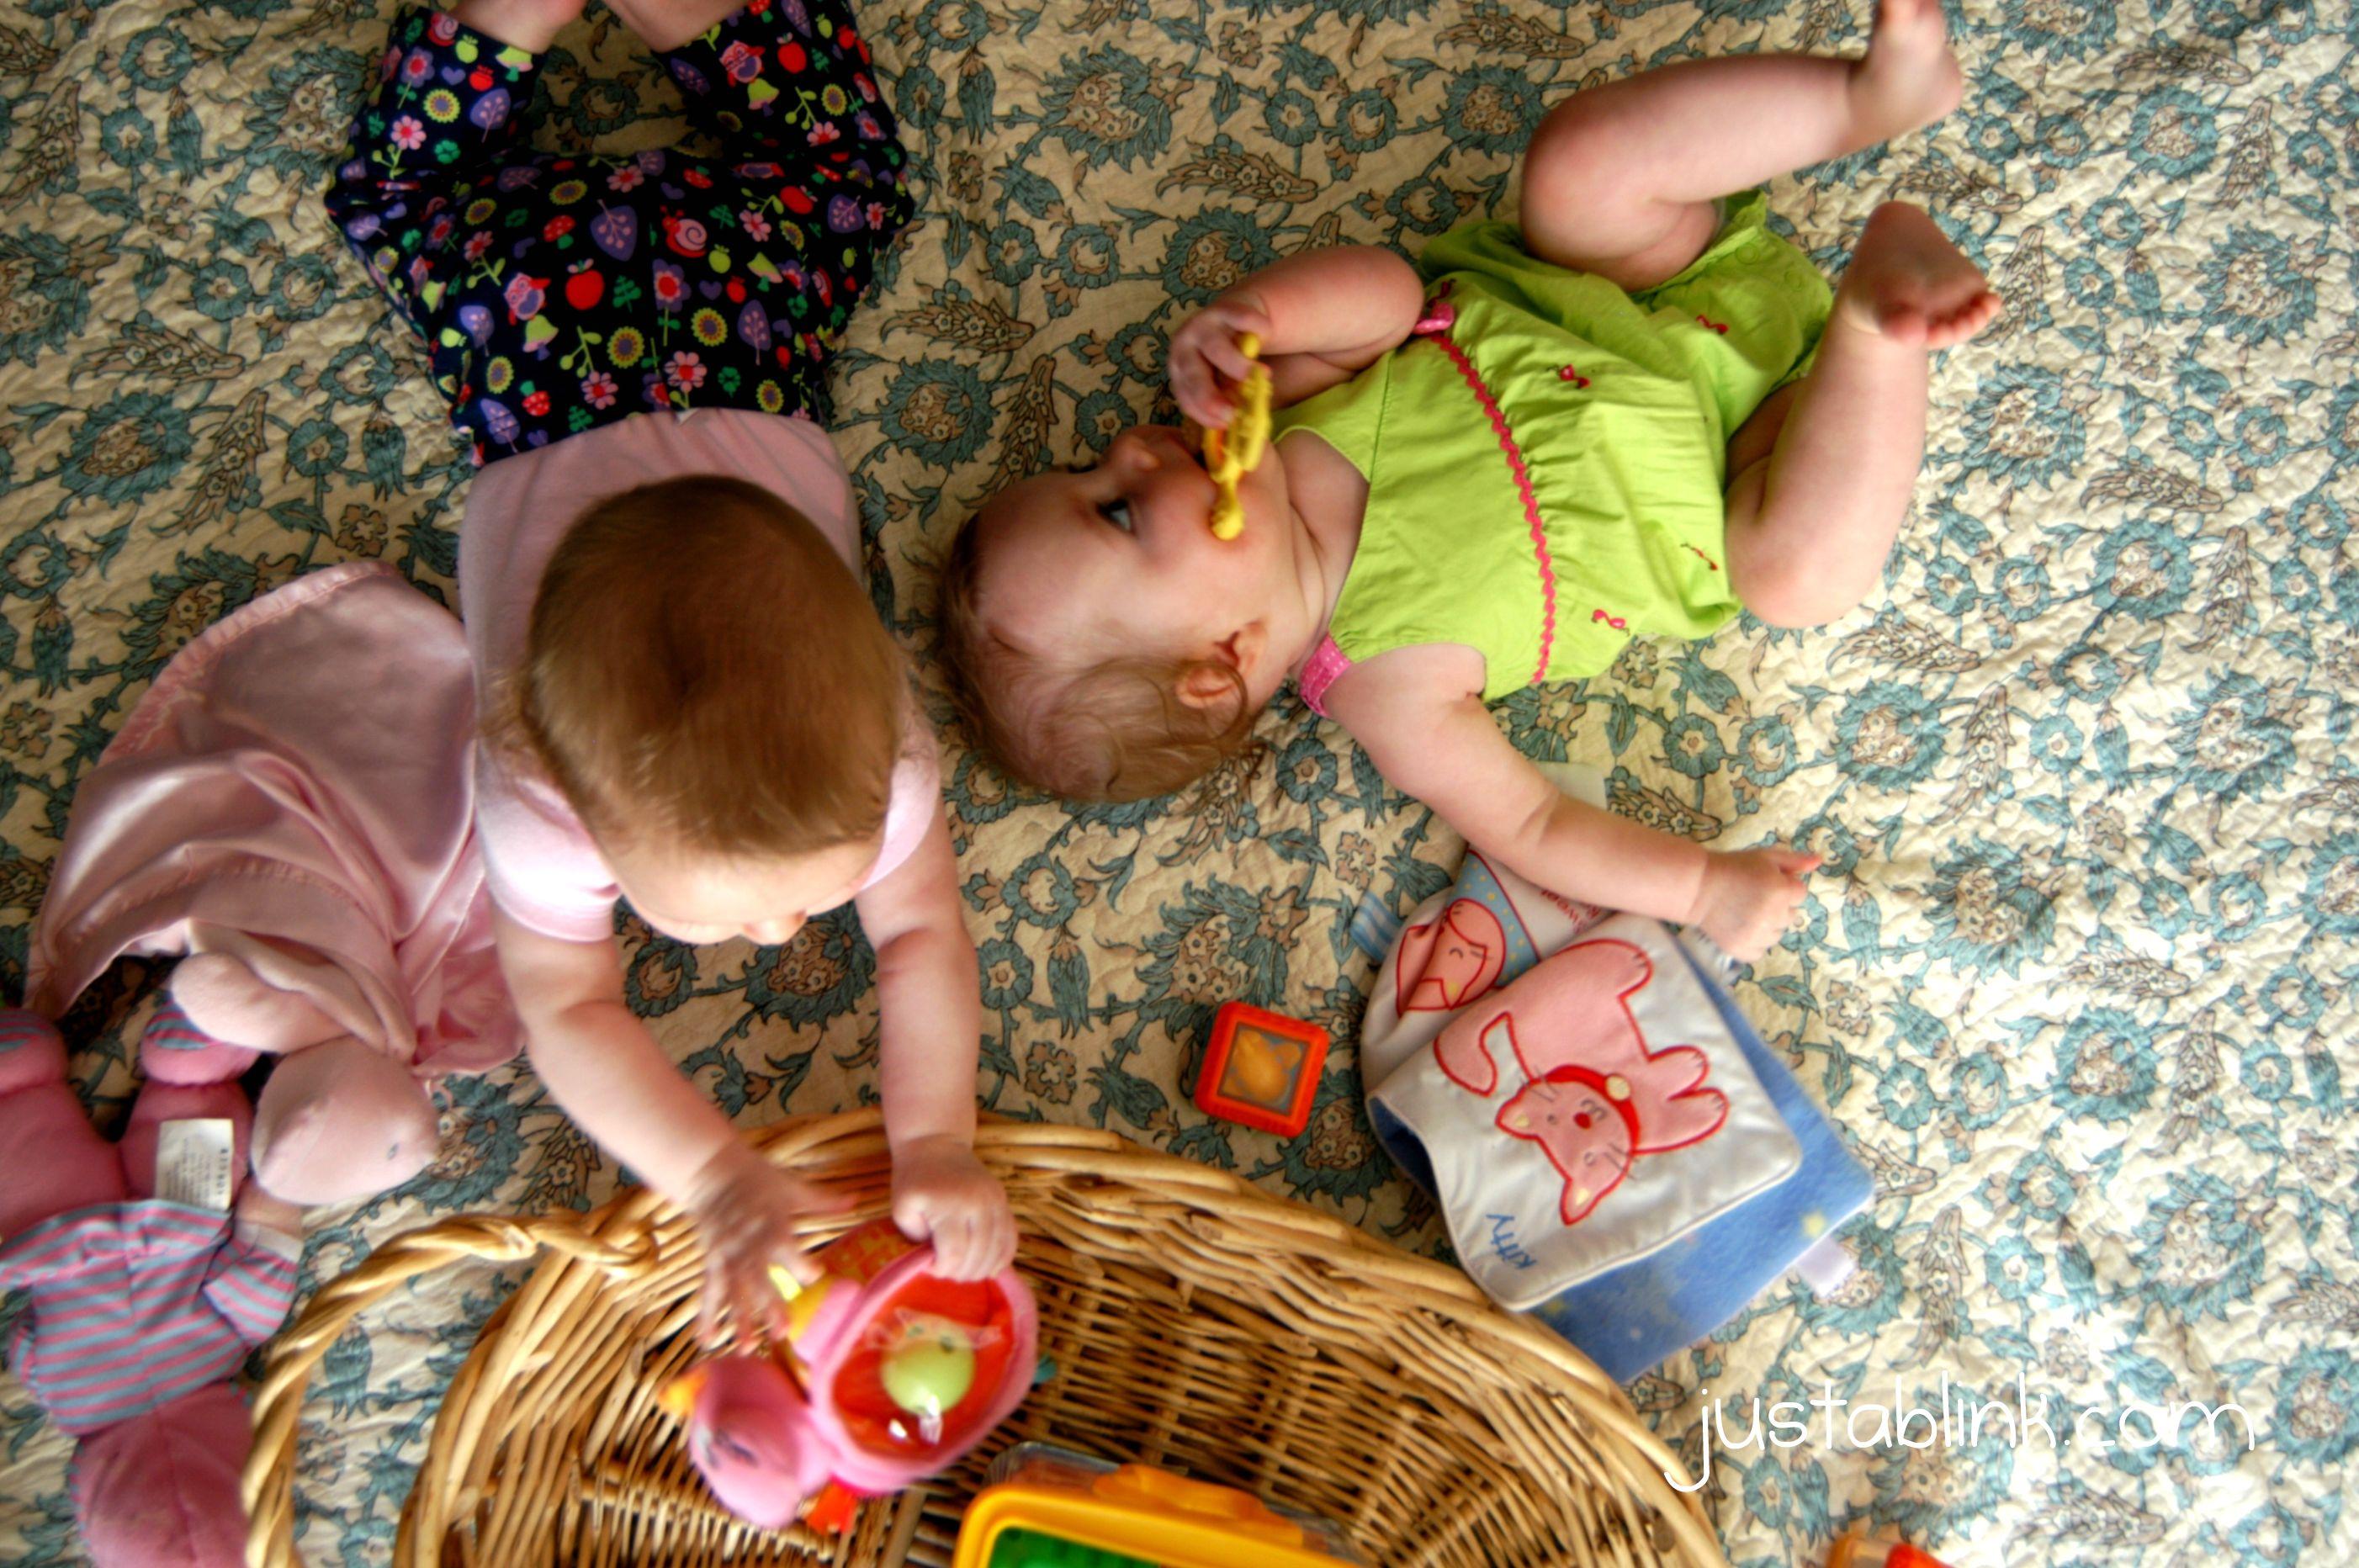 Mis gemelas y mi cola - 3 part 10